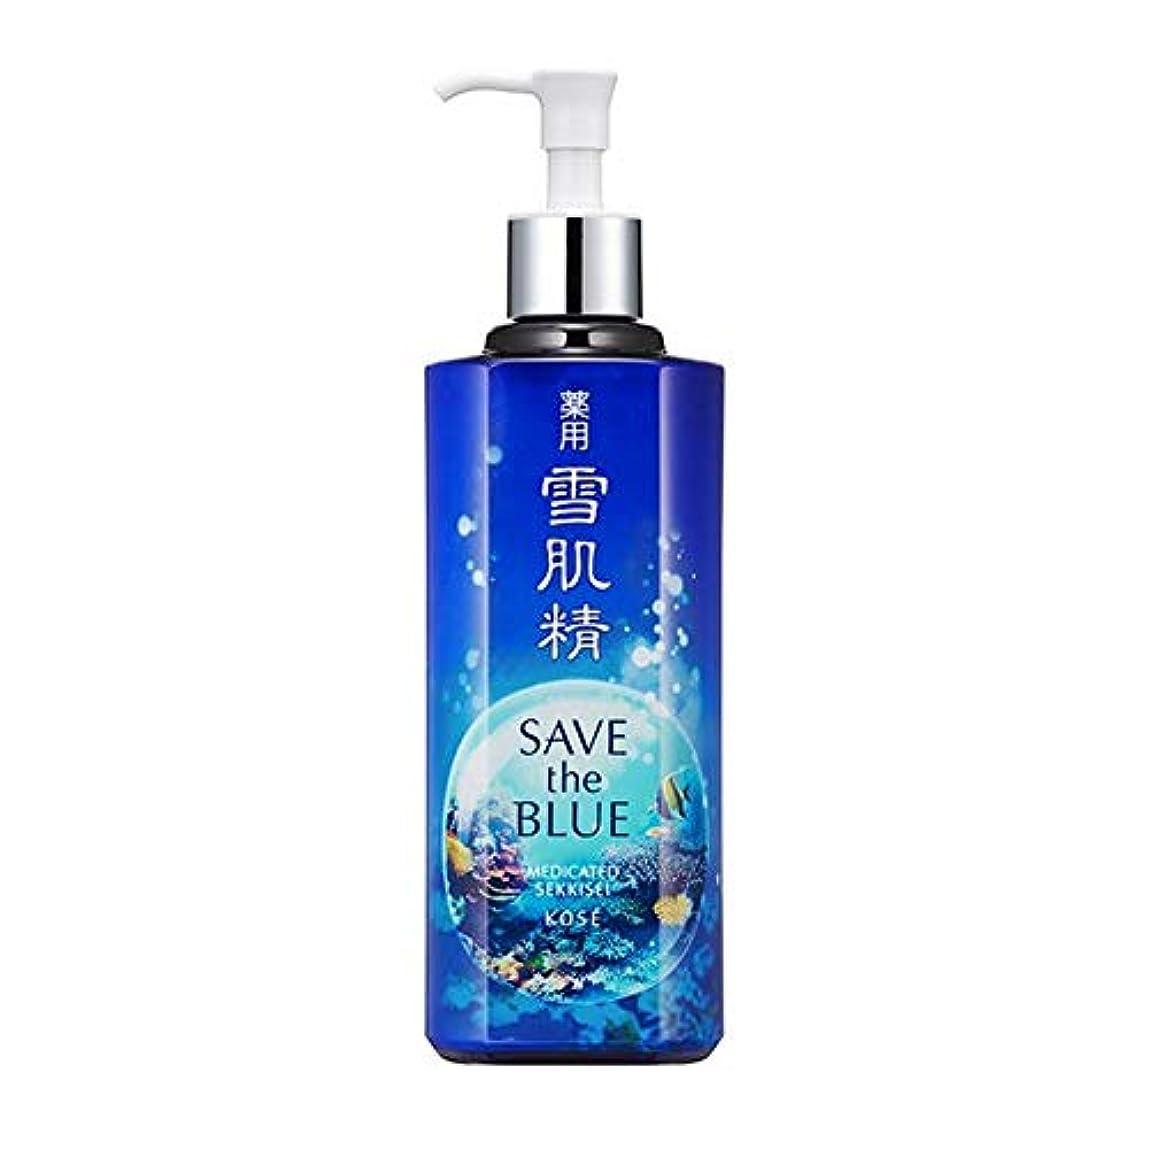 彼女自身予測する薬コーセー 雪肌精 「SAVE the BLUE」デザインボトル(みずみずしいタイプ) 500ml【2019限定】